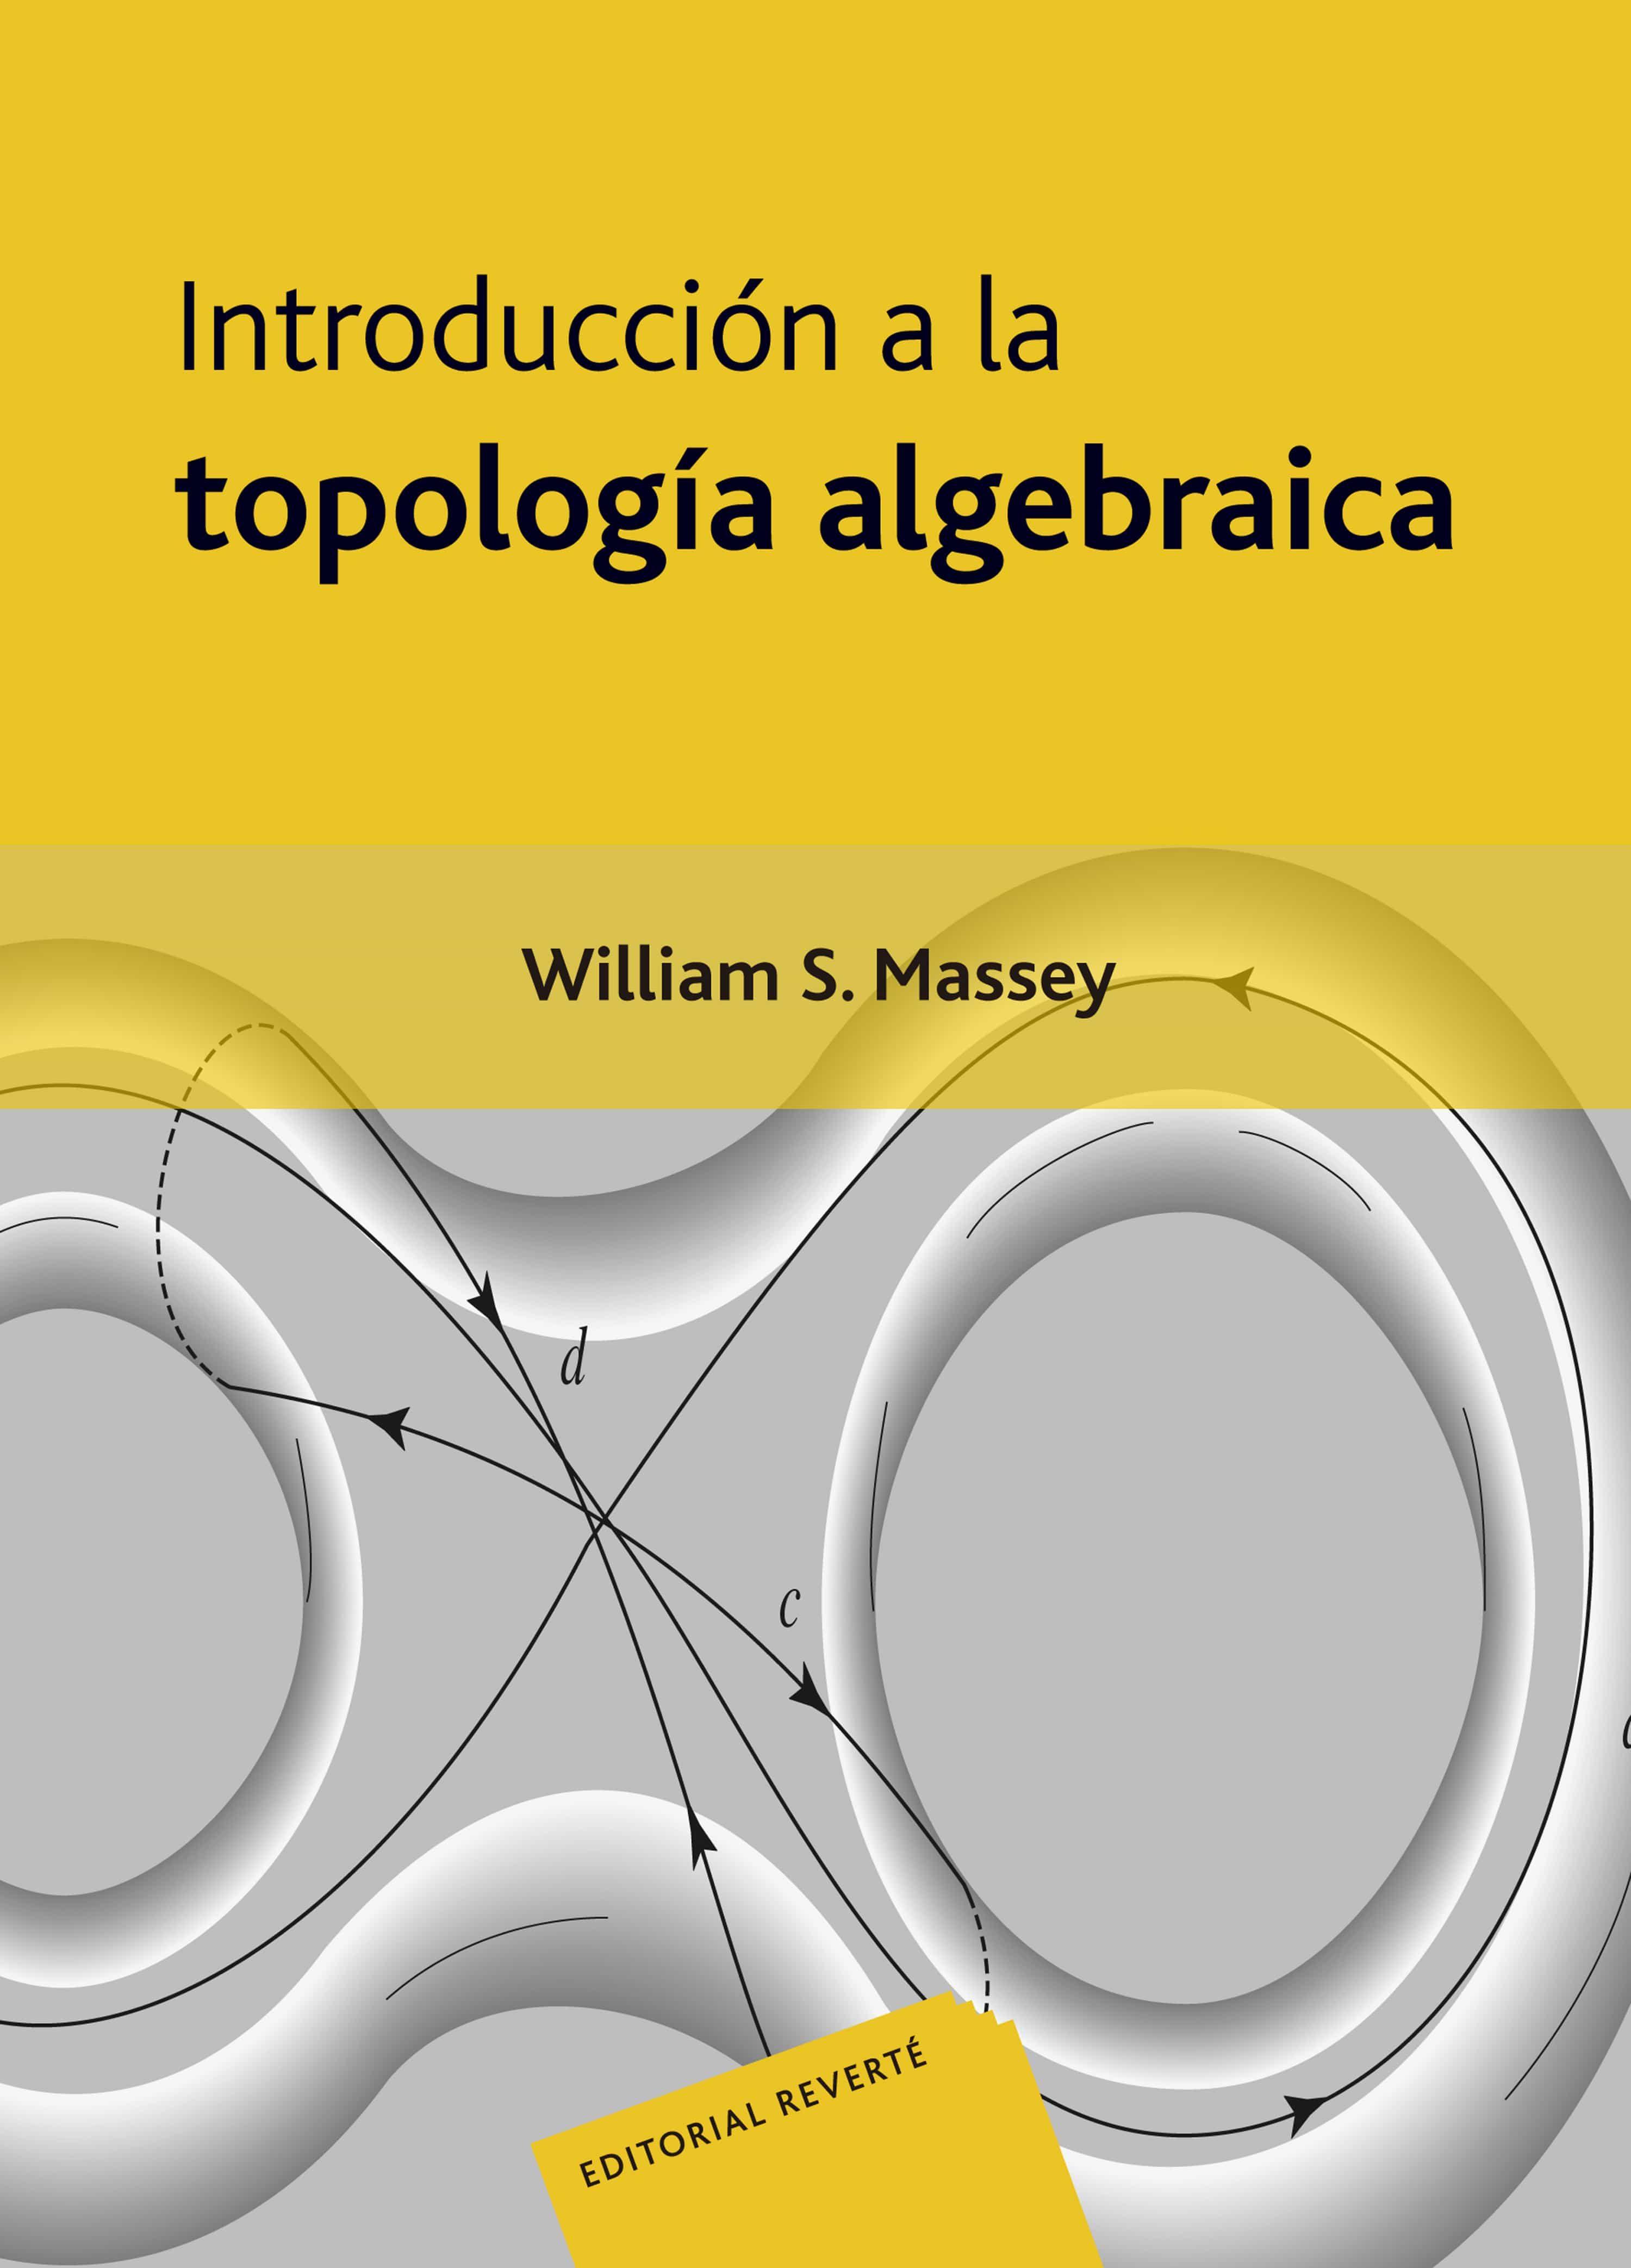 introduccion a la topologia algebraica-william s. massey-9788429150919